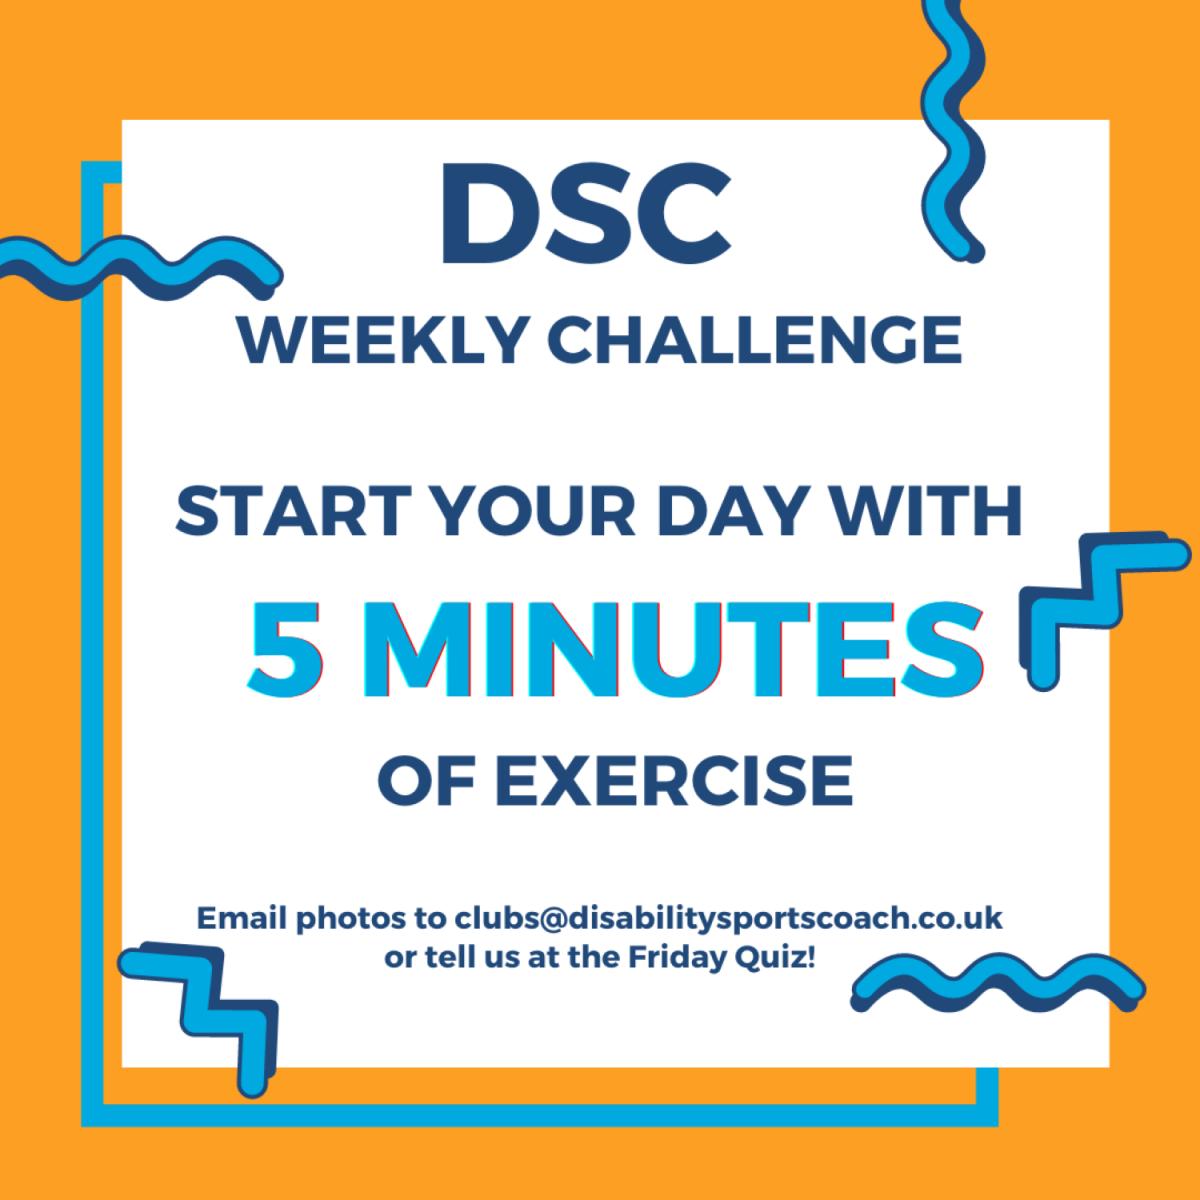 Weekly Challenge - Week 2